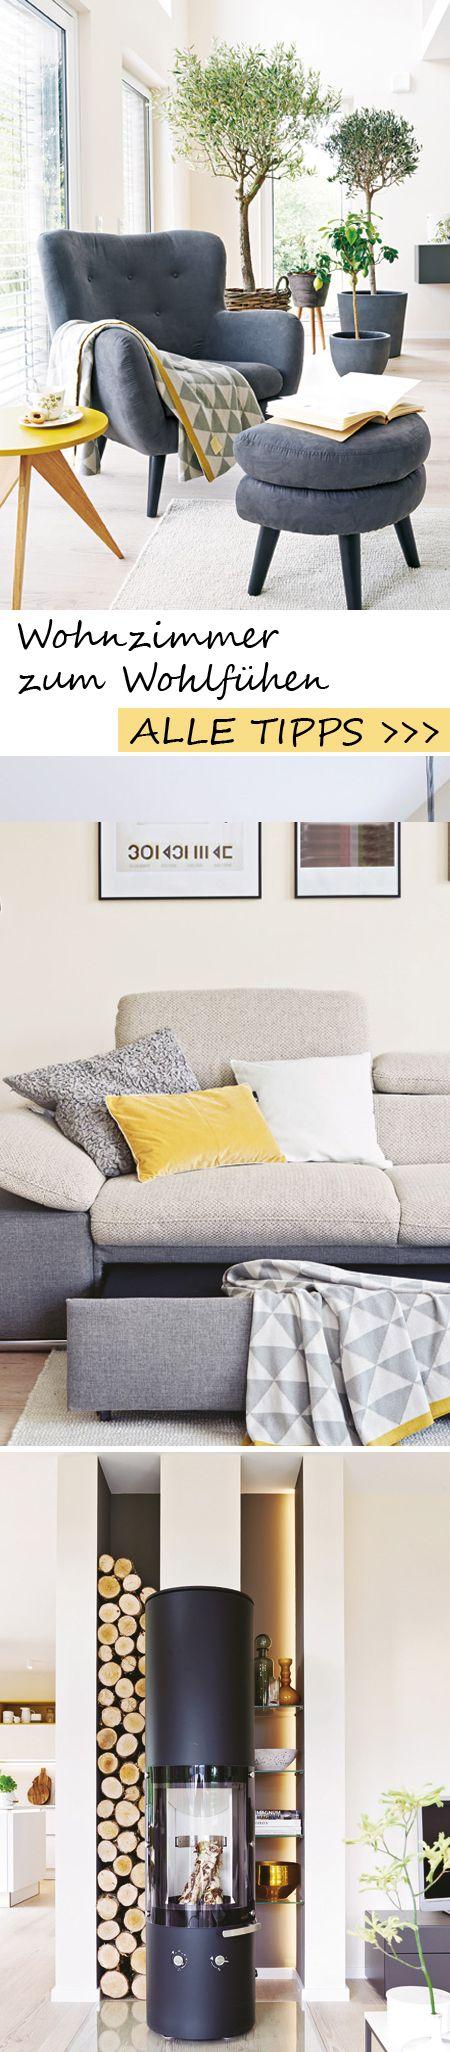 die 25+ besten ideen zu moderne wohnzimmer auf pinterest | weißes ... - Grose Moderne Wohnzimmer